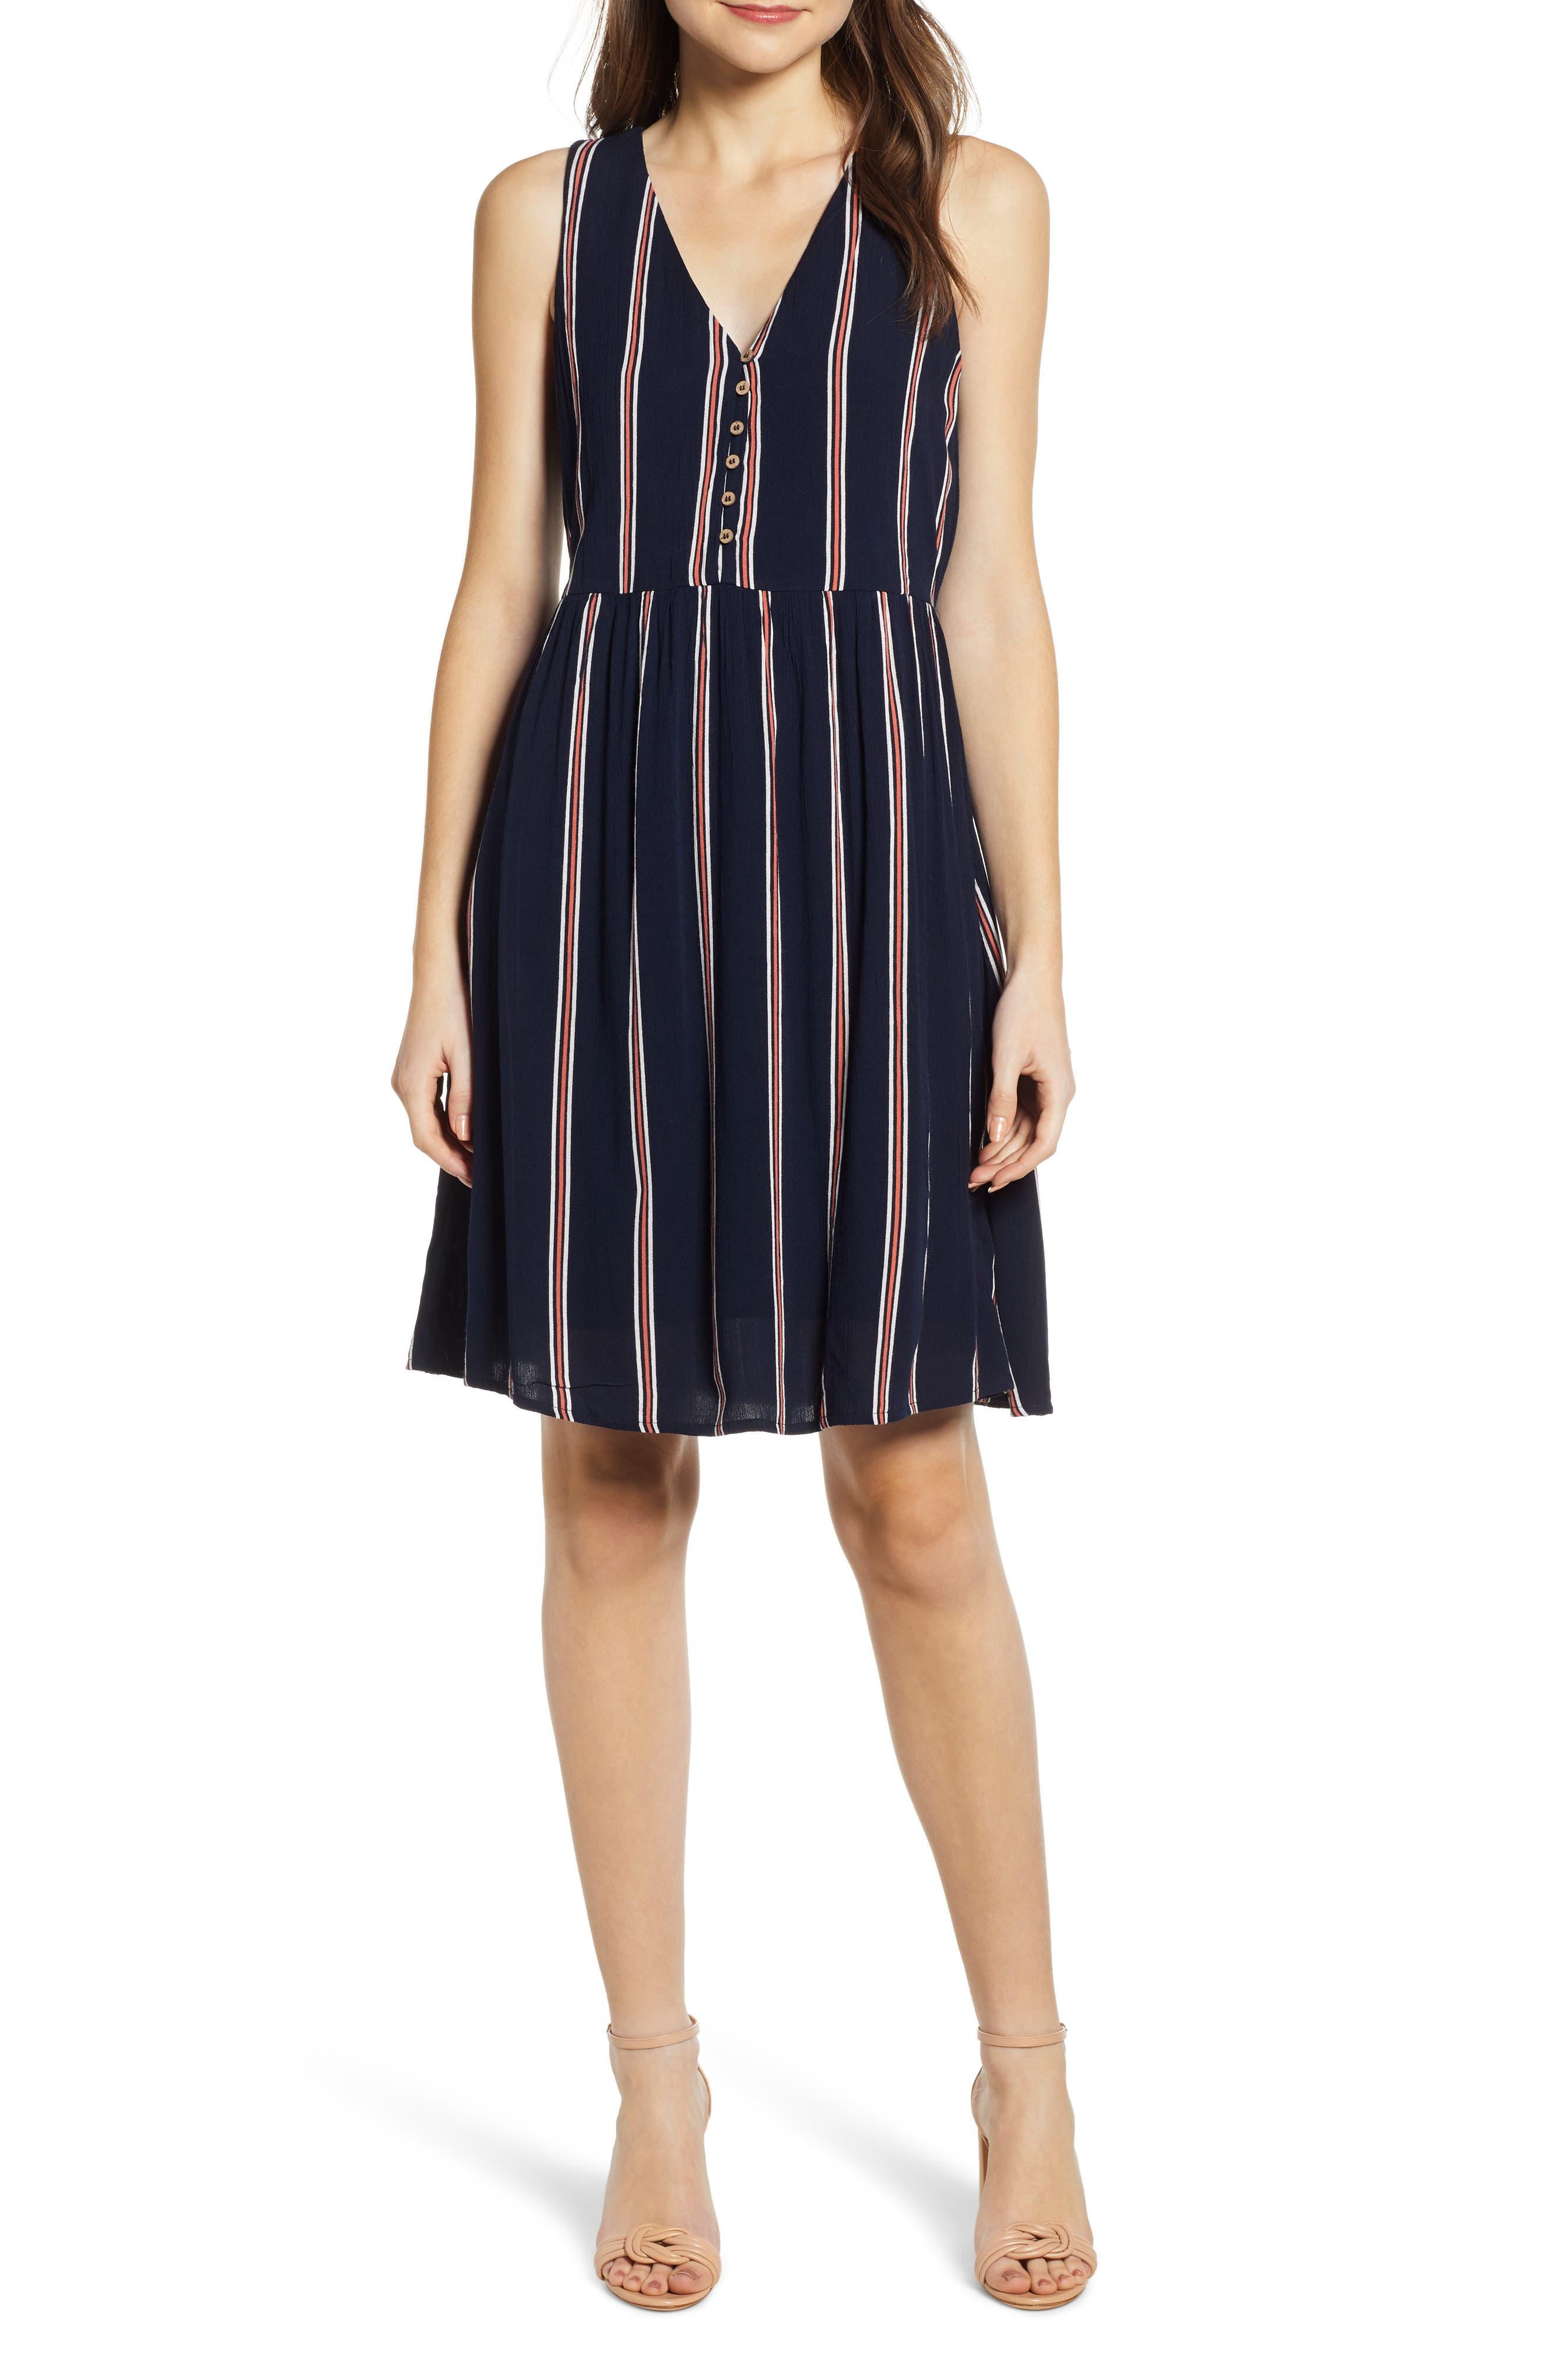 Vero Moda Hanna A-Line Dress, Blue